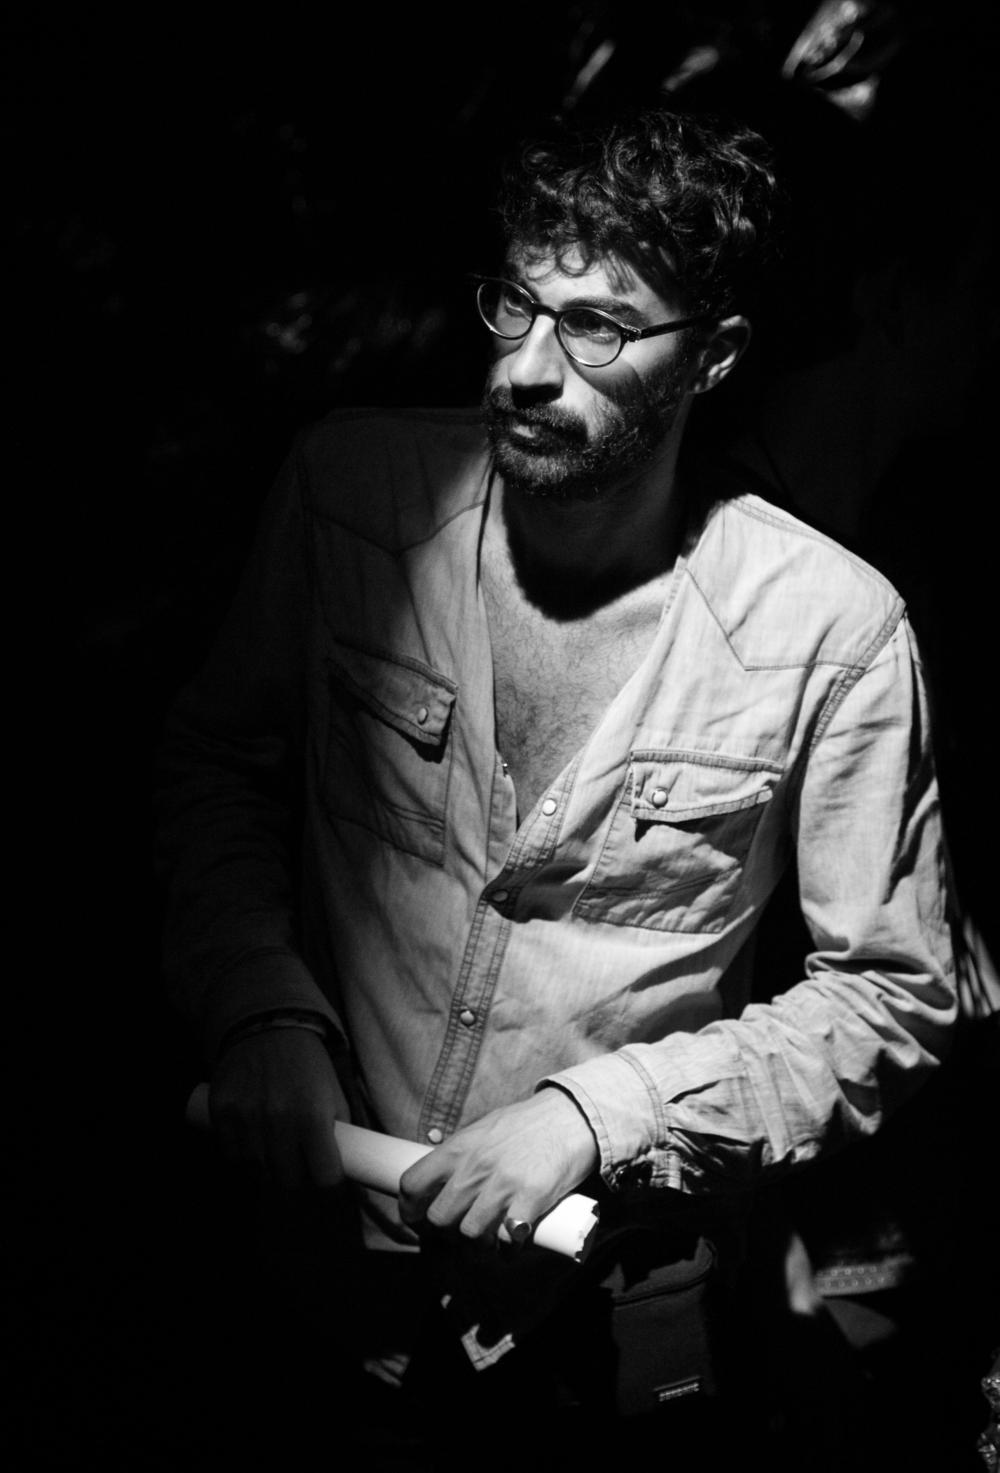 Riccardo Angelucci